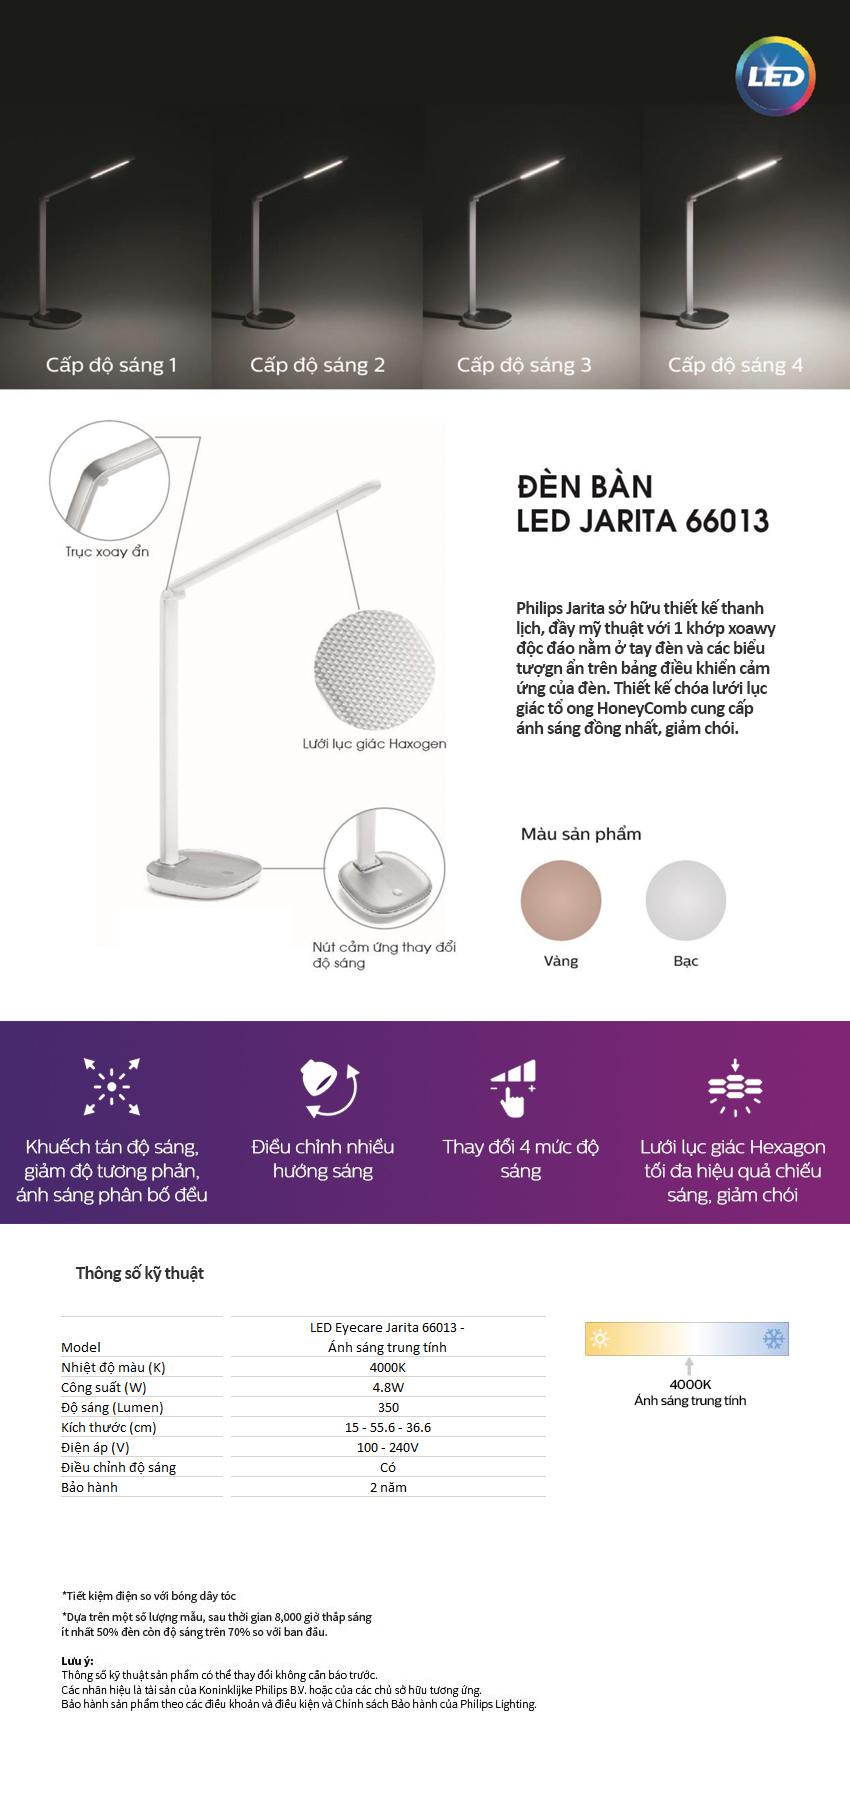 Đèn bàn Philips LED Jarita 66013 915005474801- Vàng đồng